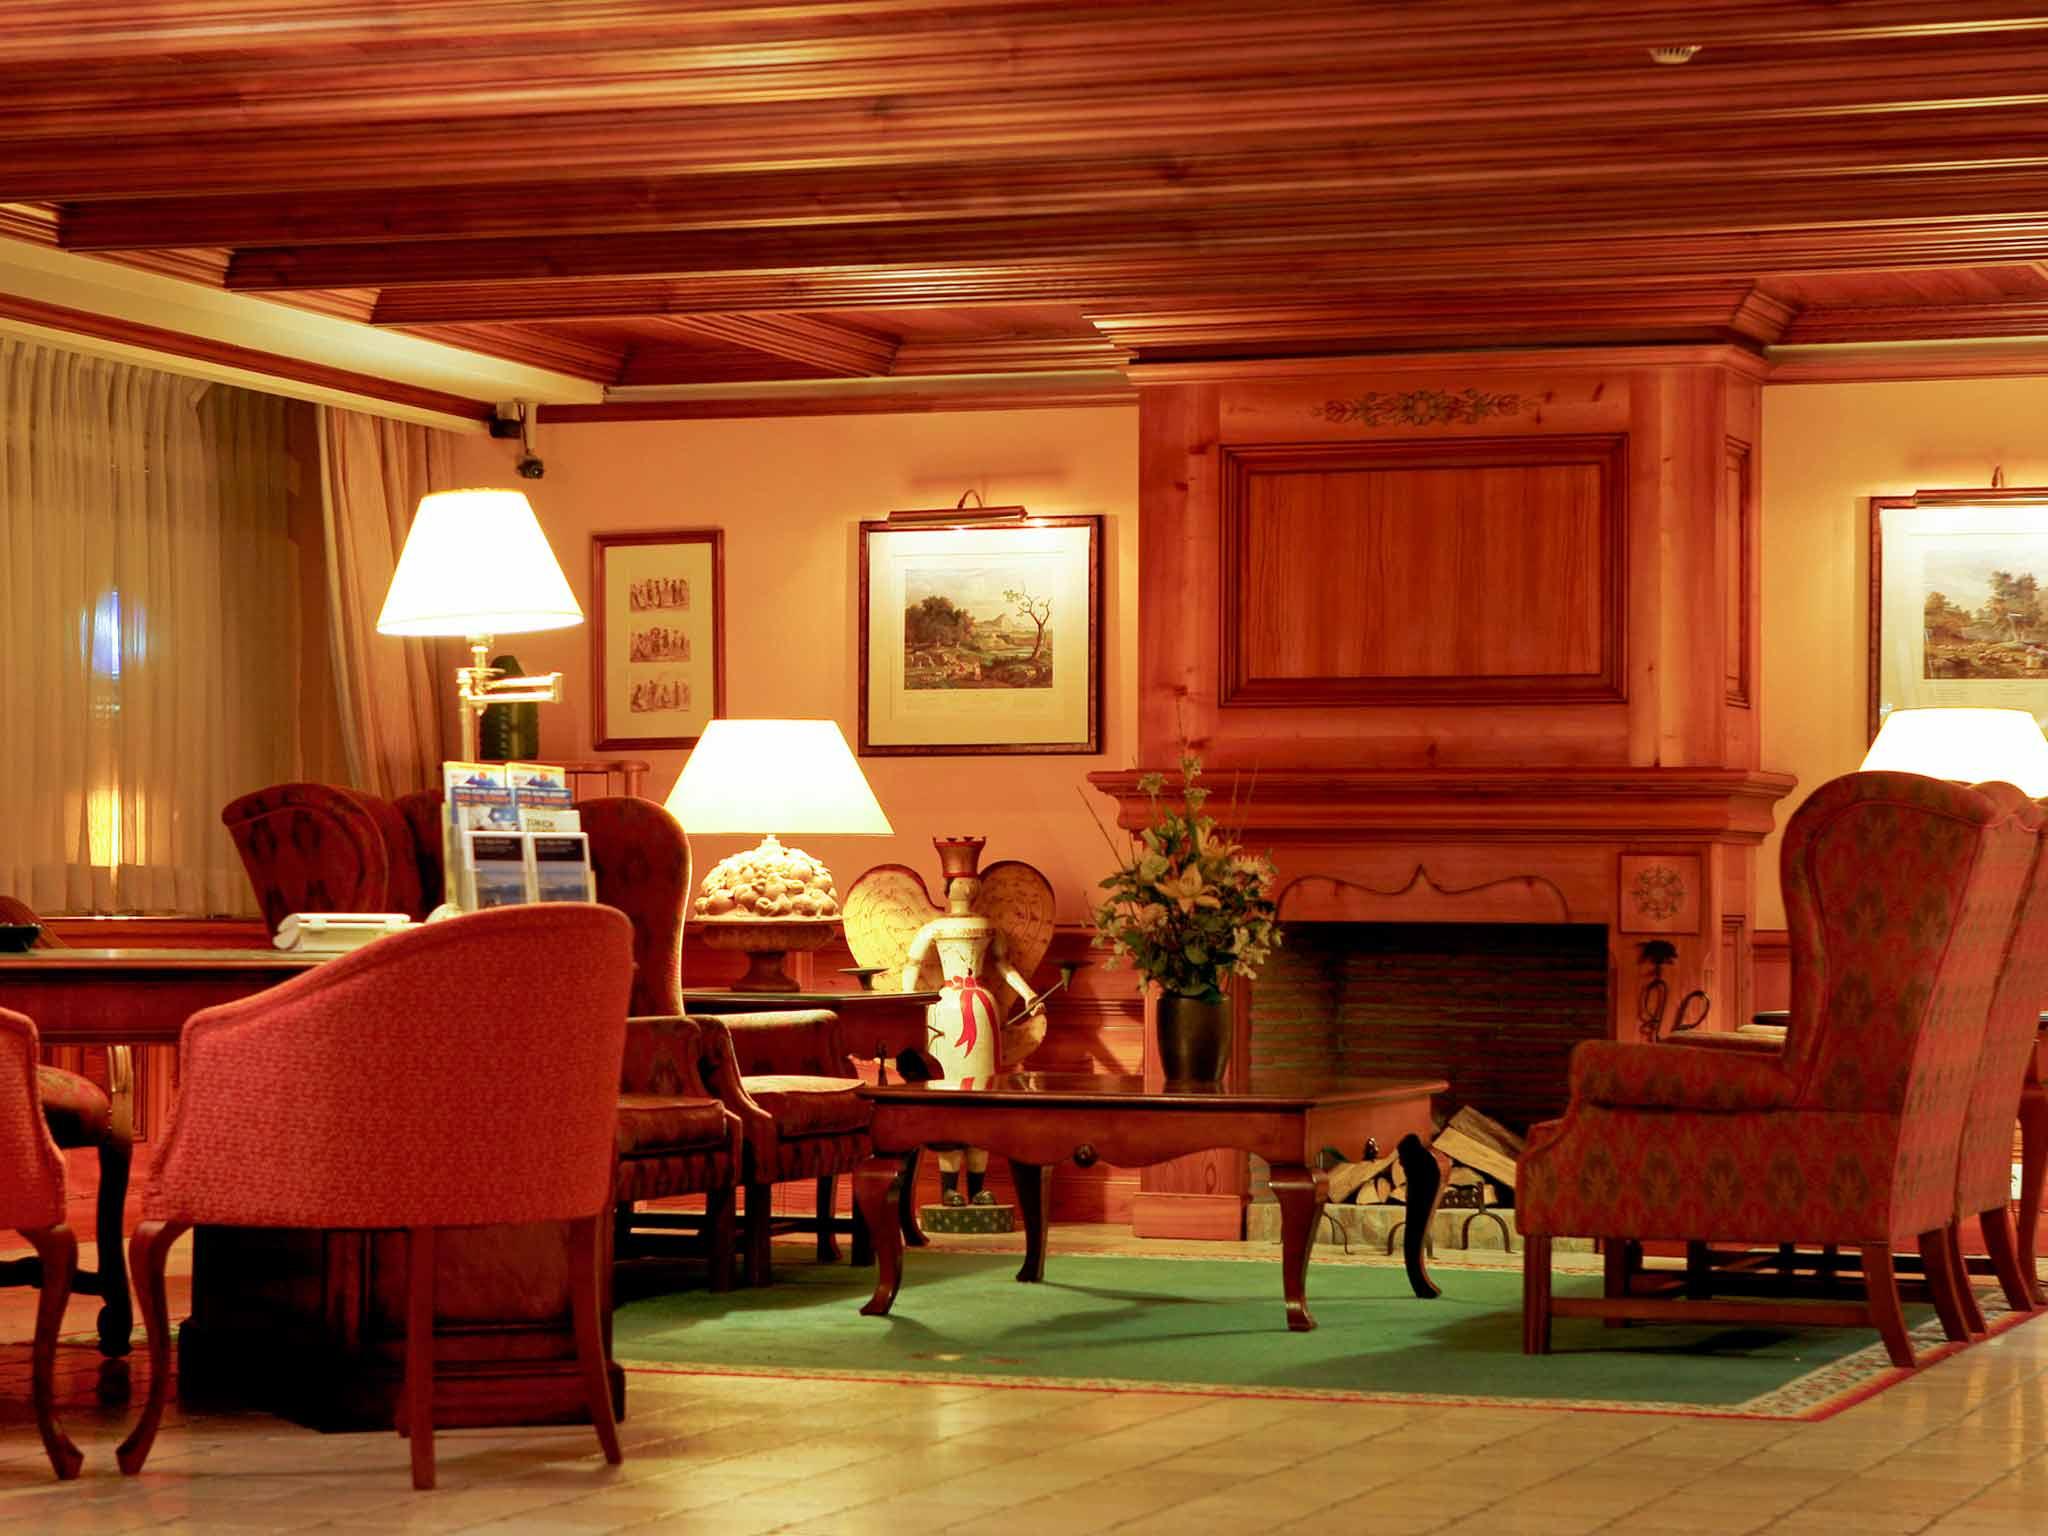 فندق - فندق كونتيننتال زيوريخ، إم غاليري من سوفيتل